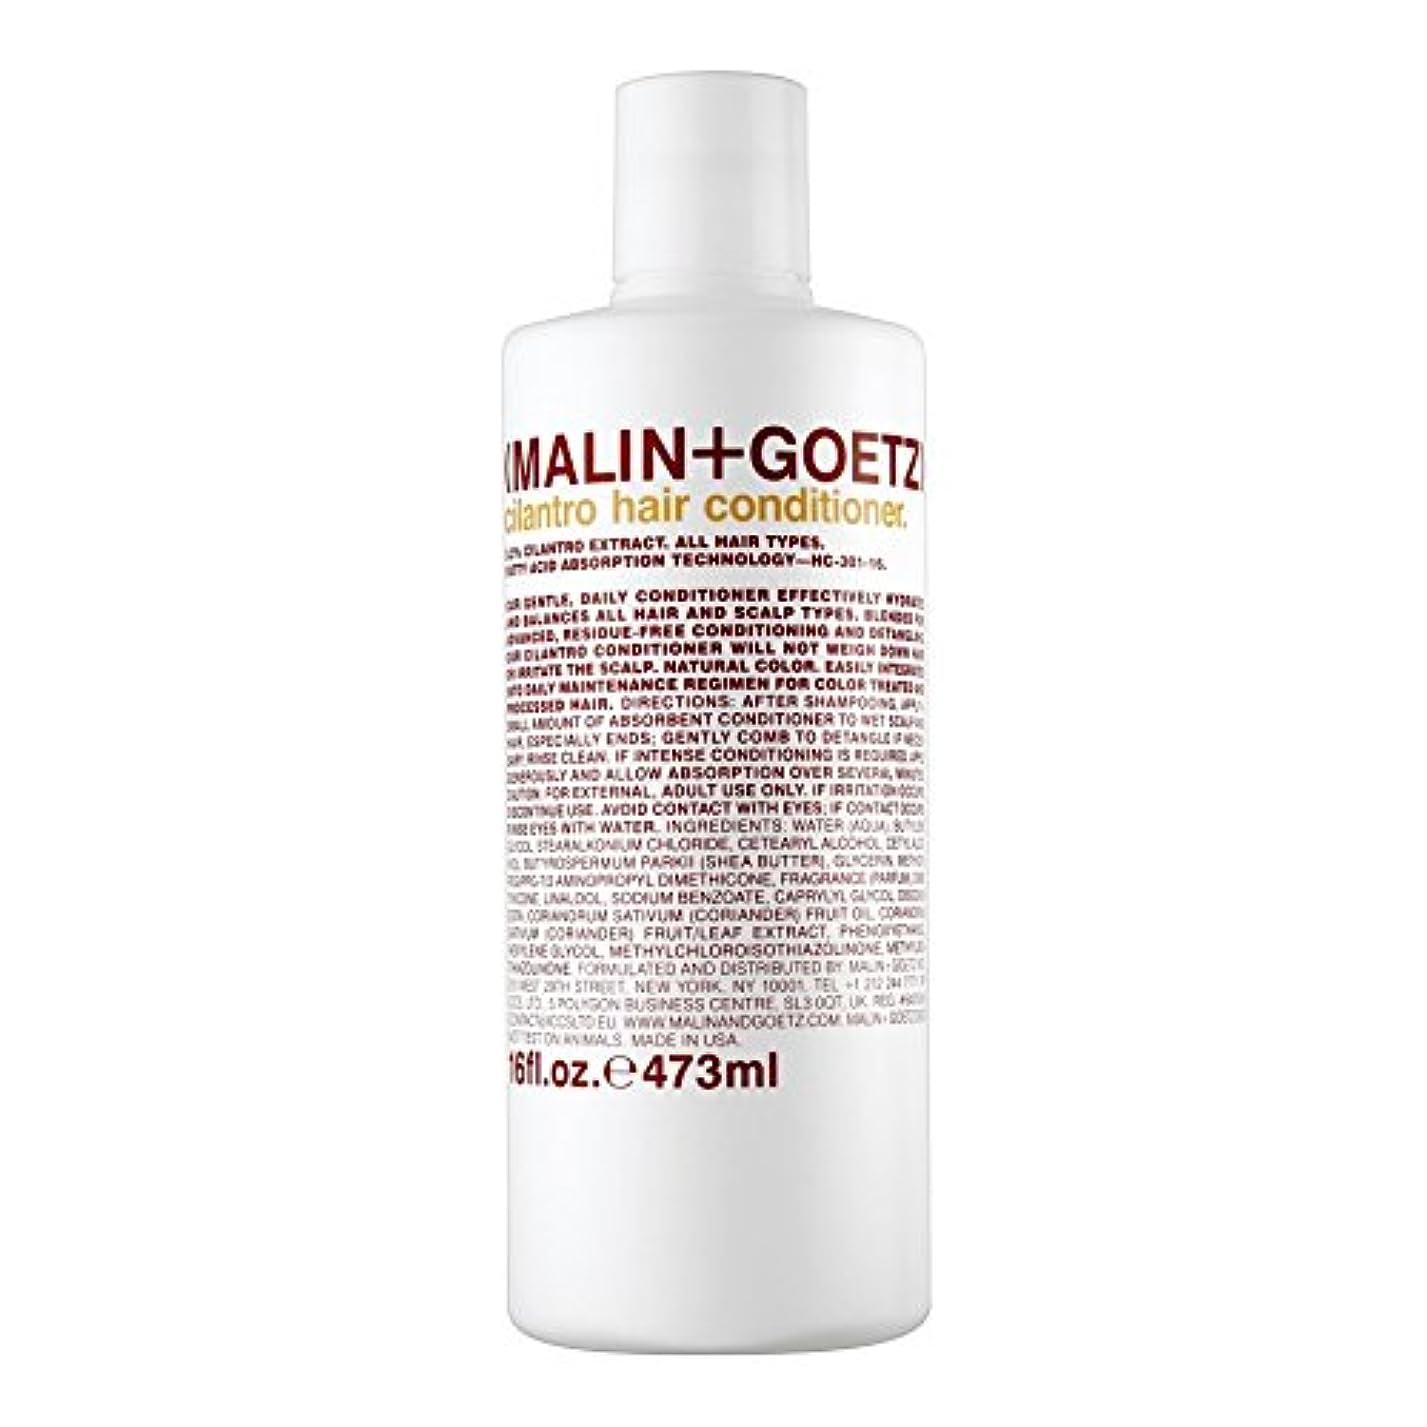 不定簡略化する変更可能マリン+ゲッツコリアンダーのヘアコンディショナー473ミリリットル x2 - MALIN+GOETZ Cilantro Hair Conditioner 473ml (Pack of 2) [並行輸入品]